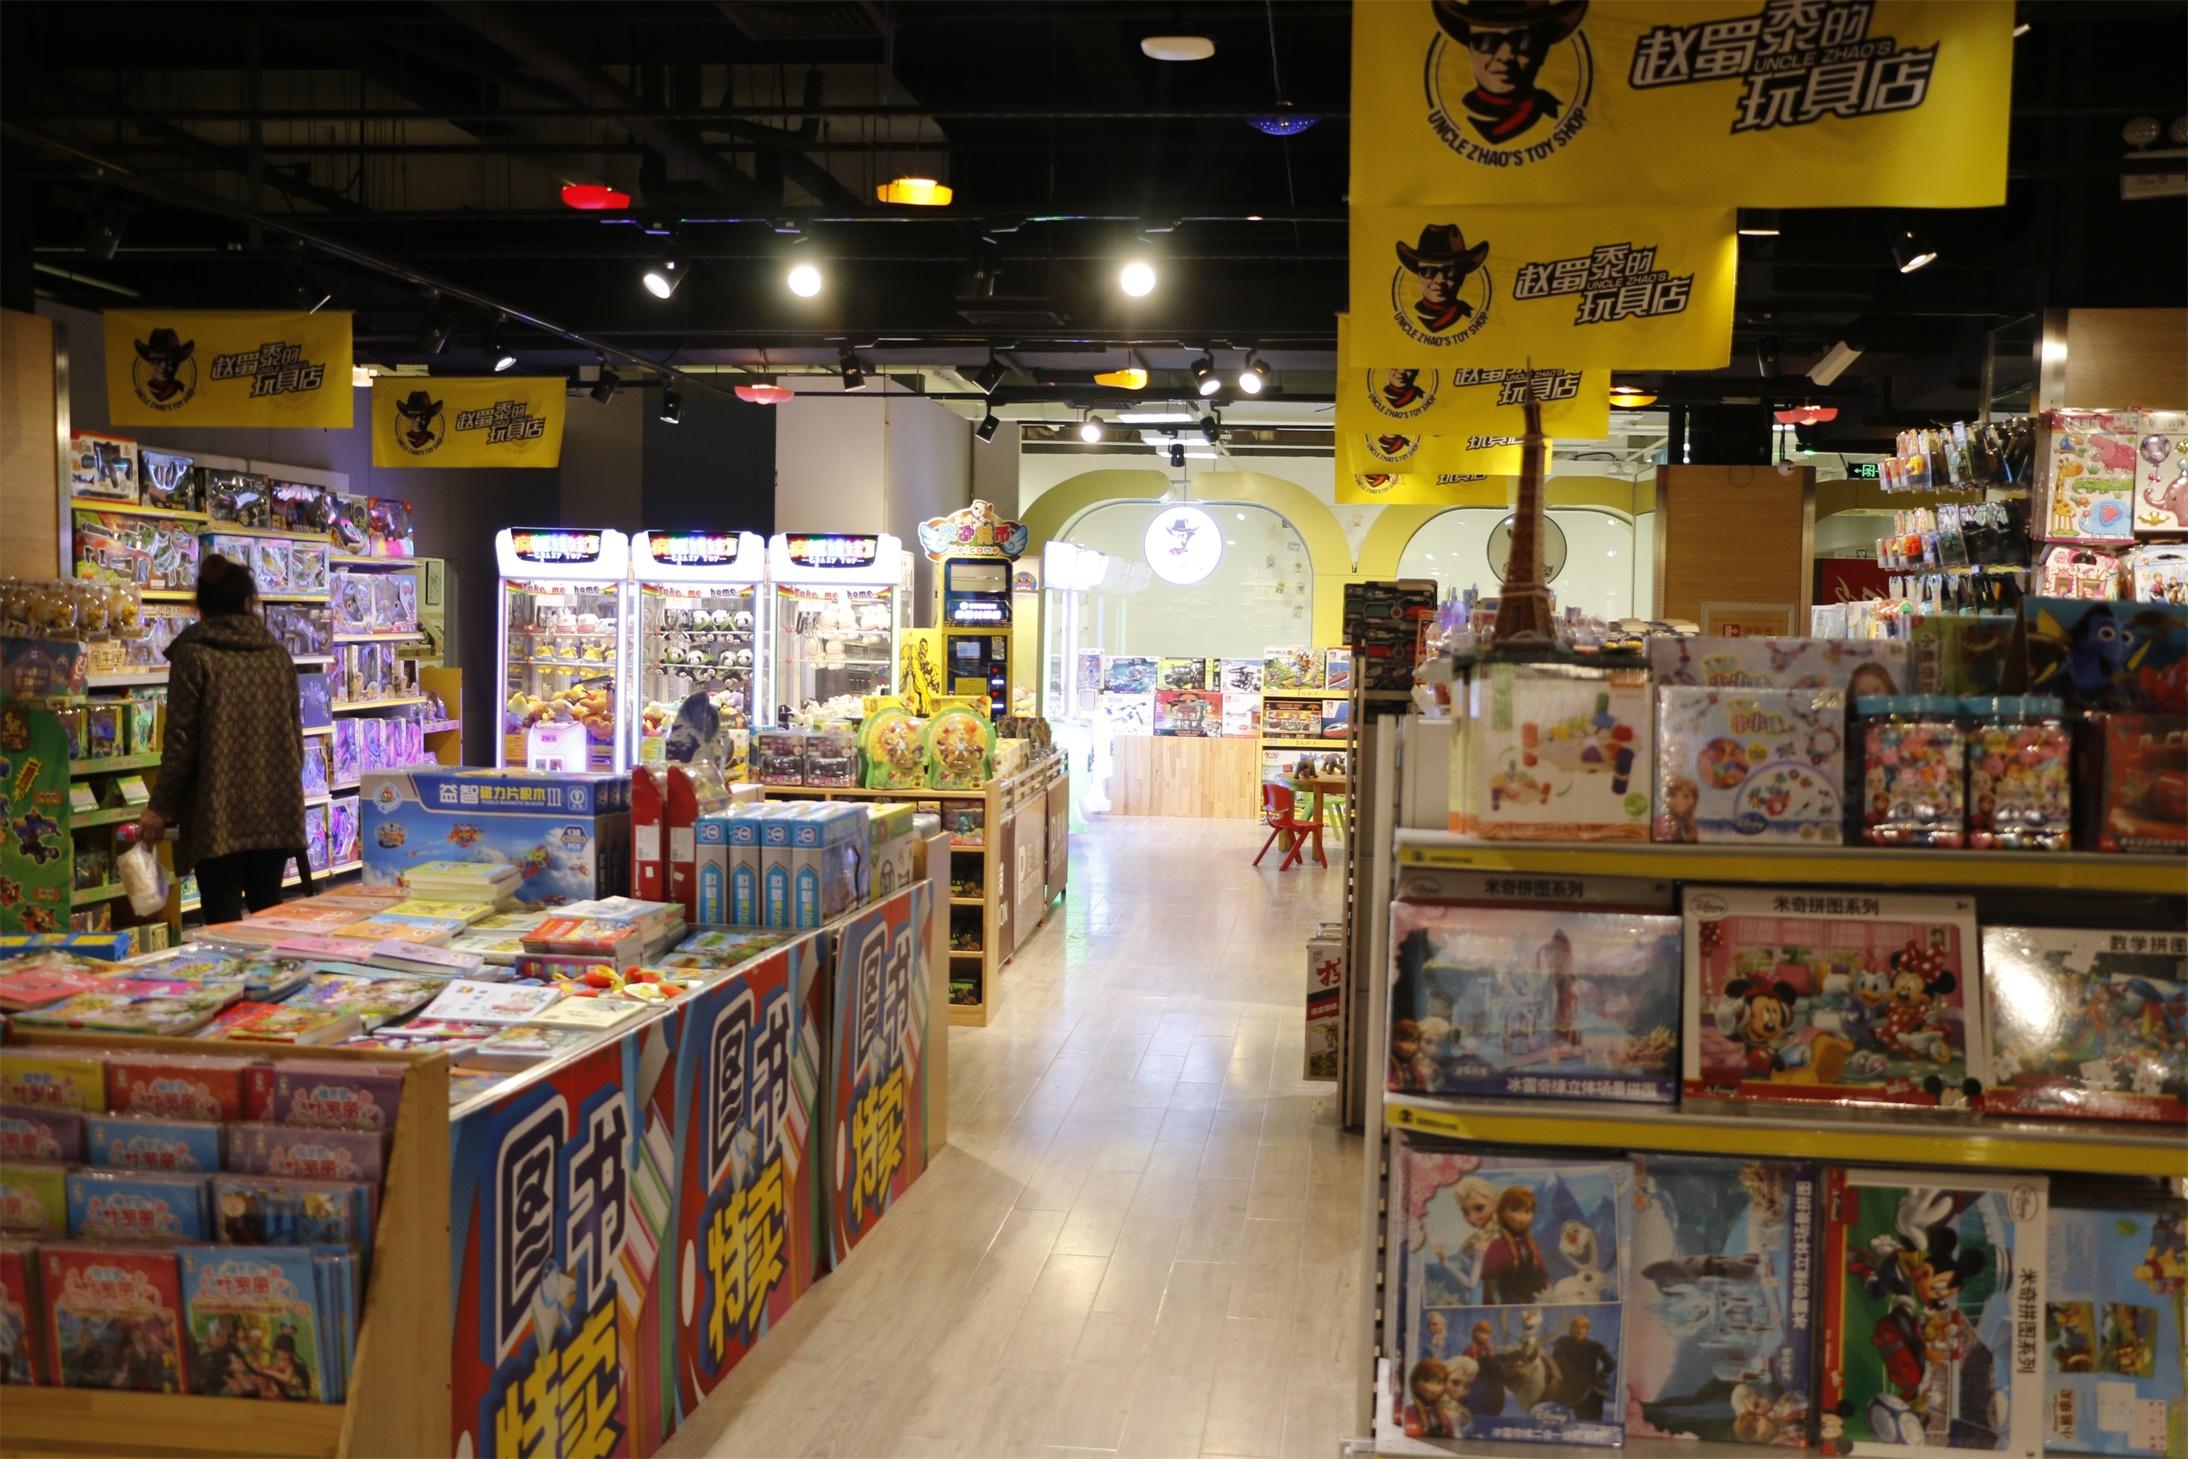 赵蜀黍的玩具店